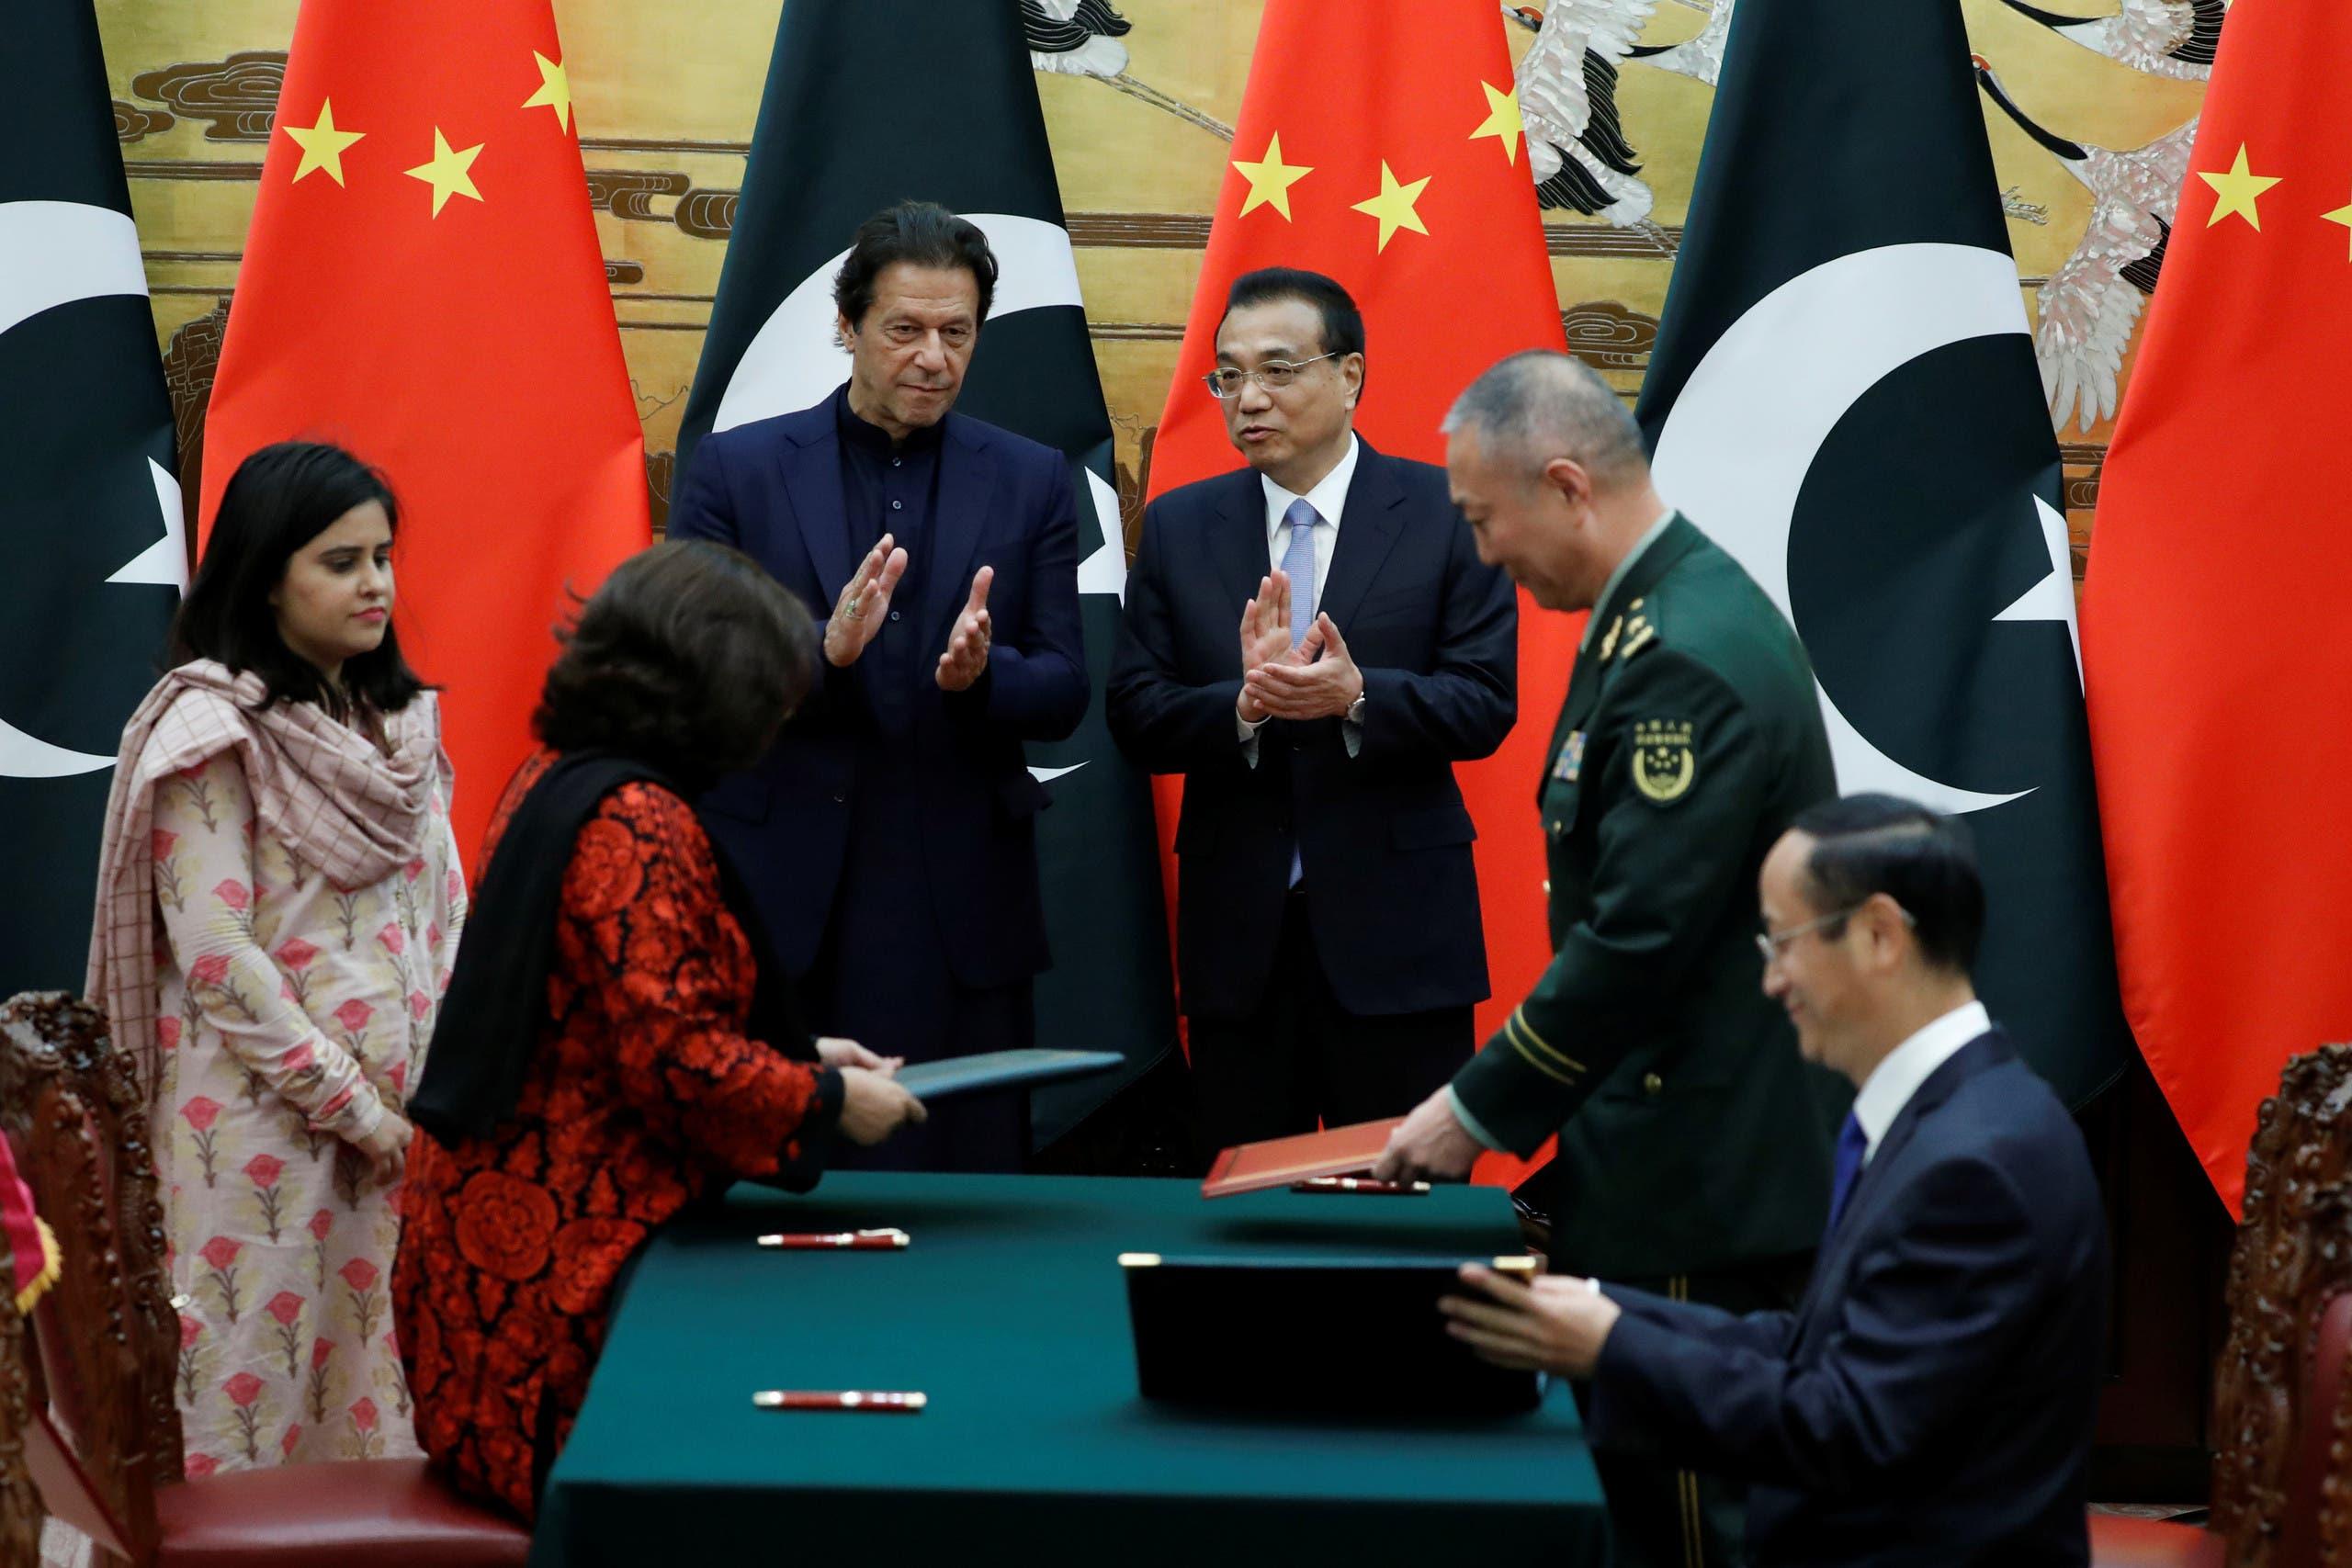 باكستان والصين توقعان اتفاقيات في بكين نهاية أكتوبر الماضي